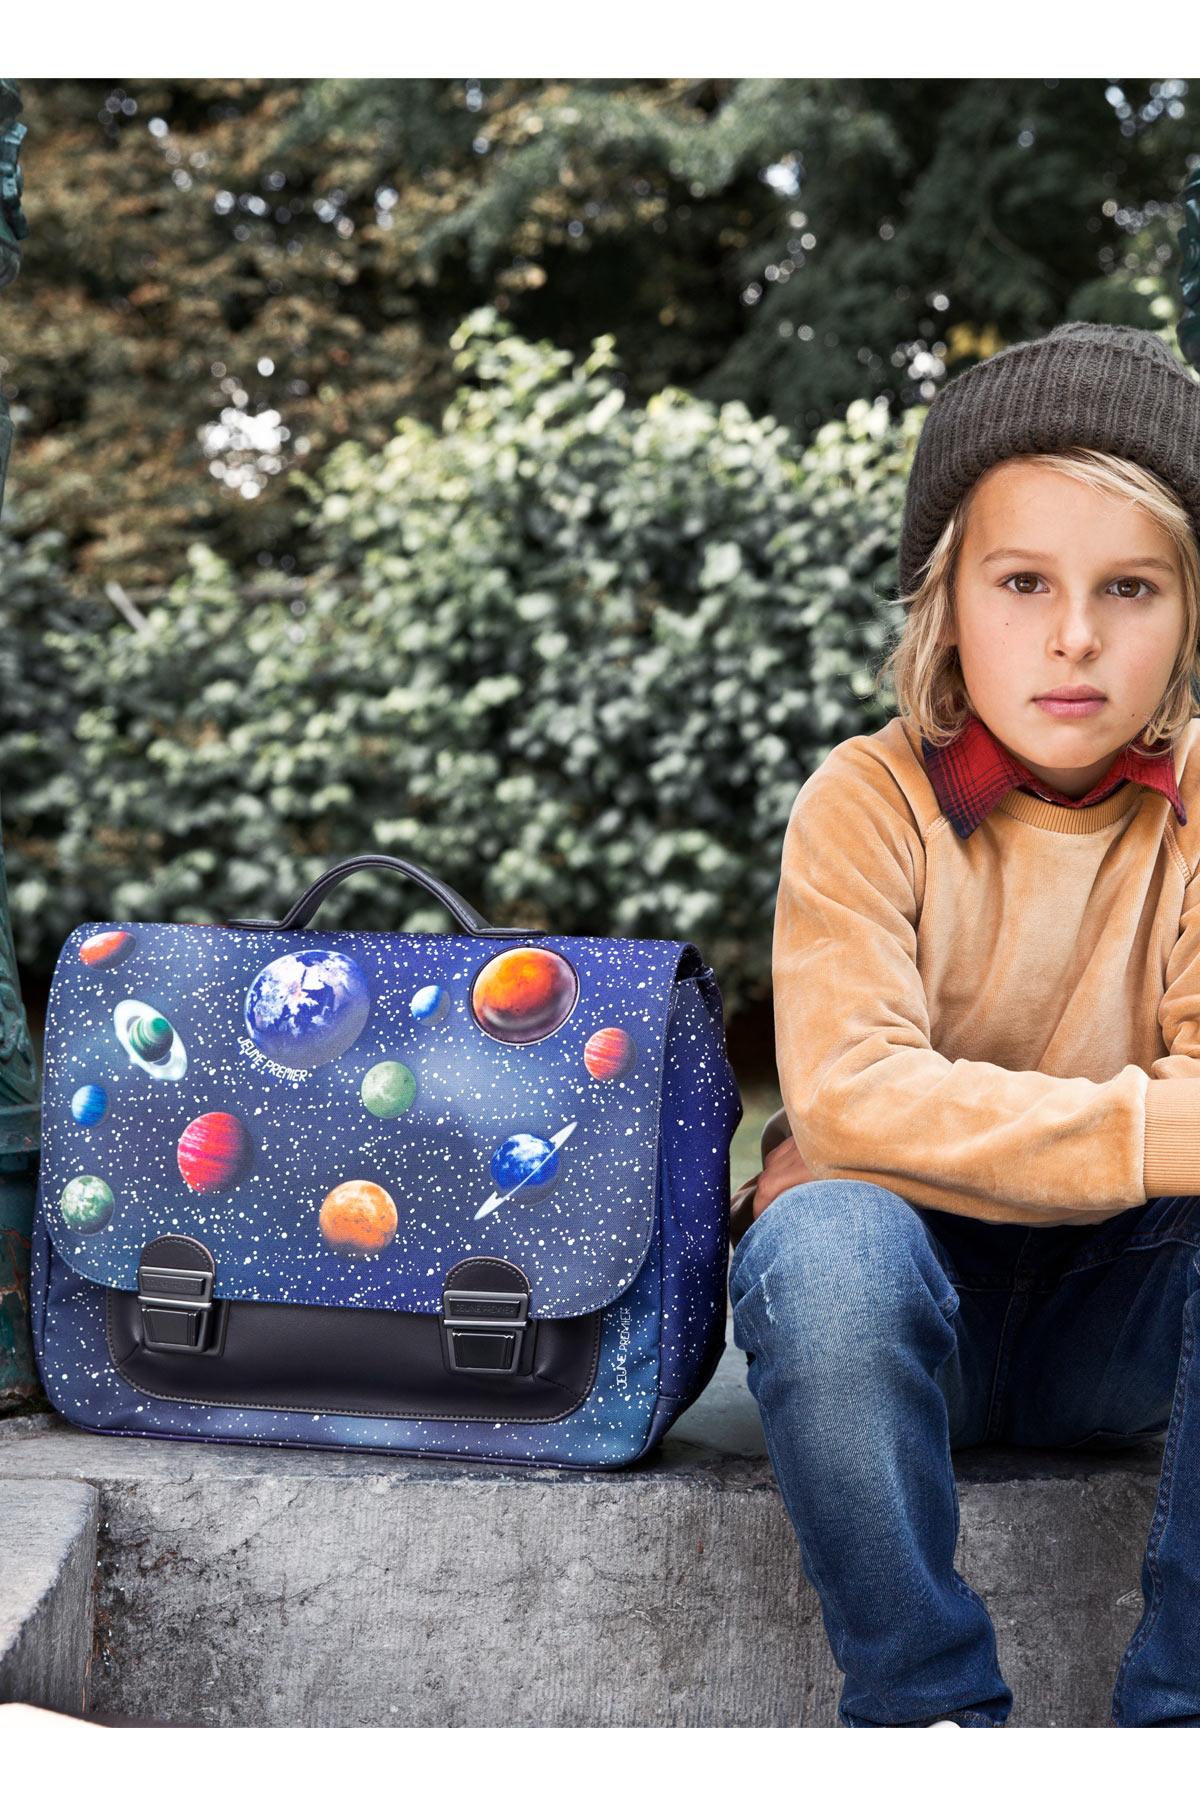 Школьный портфель для мальчика Jeune Premier Space Midi Космос, - фото 10